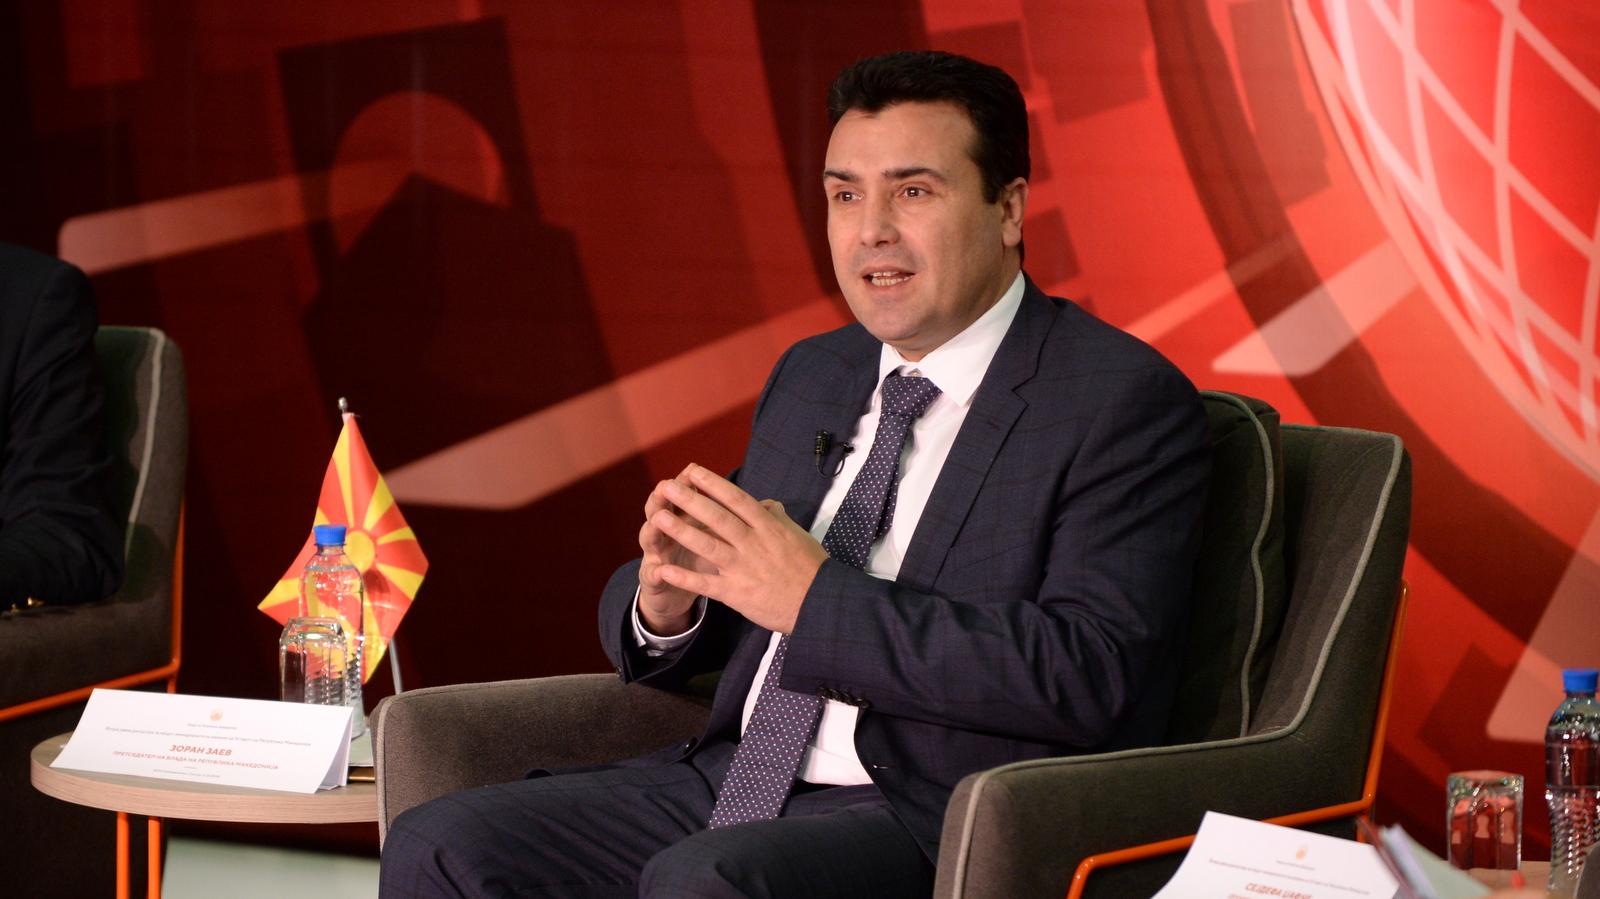 Η χώρα θα προχωρήσει σε γενικές εκλογές εάν χαθούν οι προεδρικές εκλογές, λέει ο Zaev